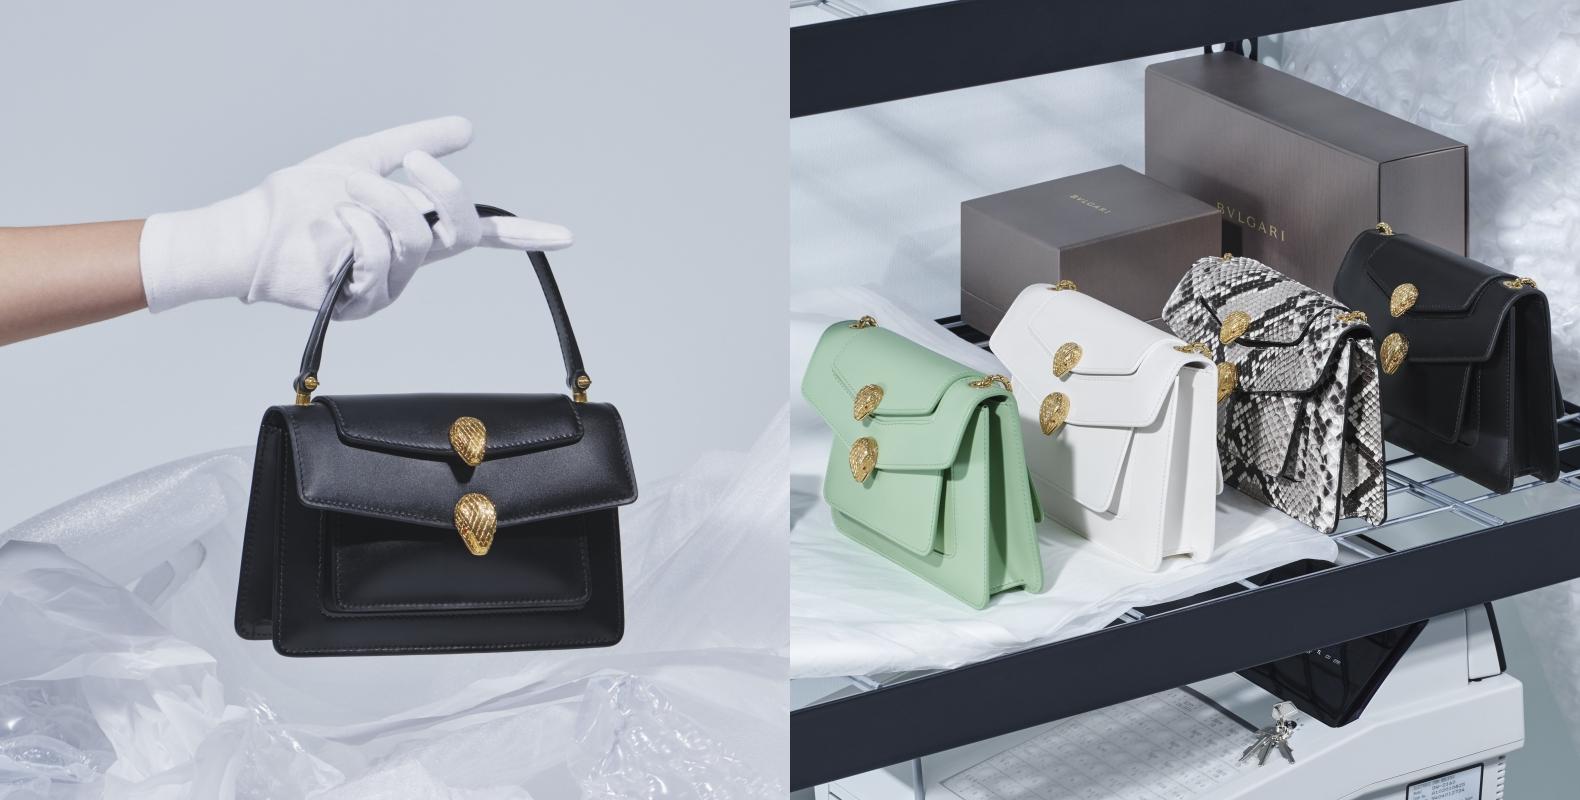 這幾咖必搶的『限量神仙美包』,BVLGARI X Alexander Wang、FENDI Peekaboo,沒買到絕對後悔!